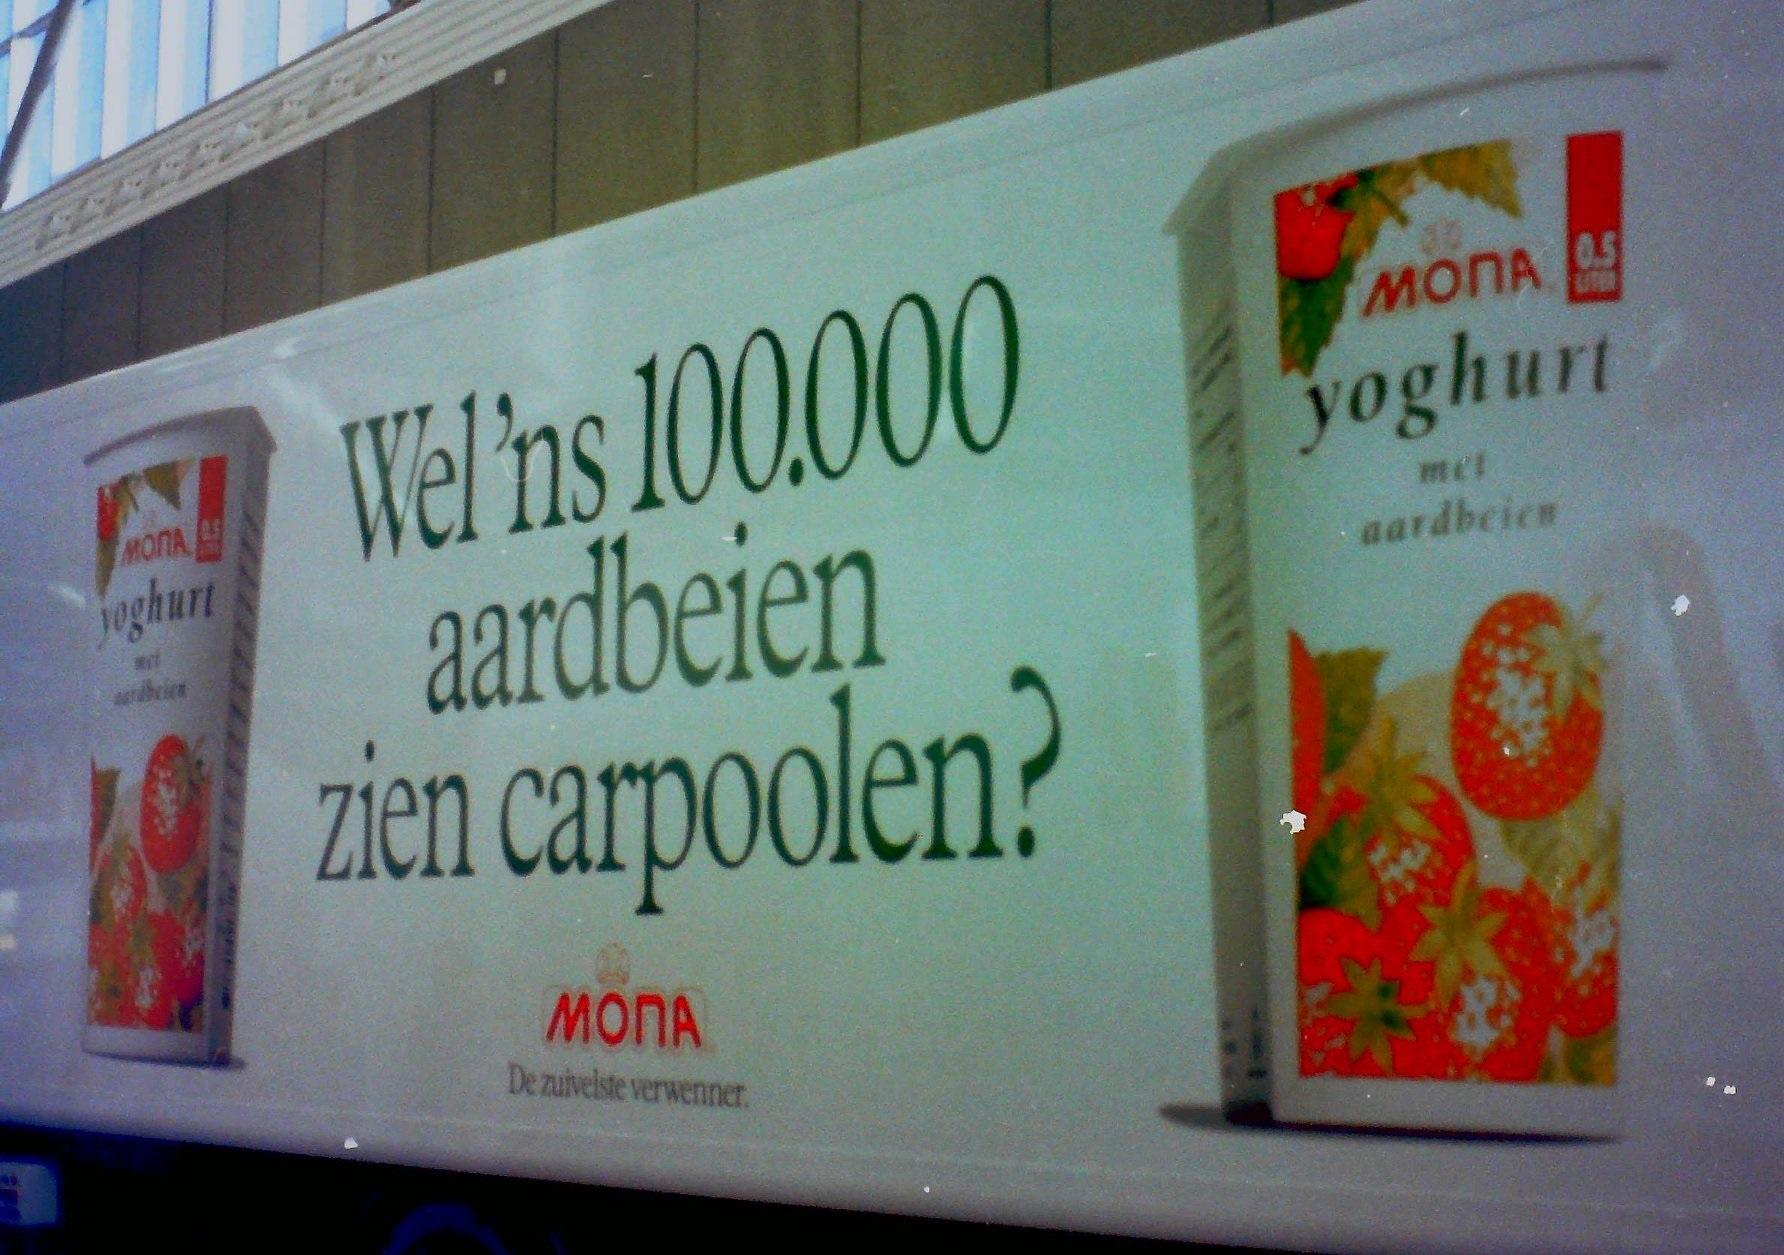 Combinatie-van-Holwerda-uit-Drachten-op-de-stand-van-Rondaan-op-de-Ral-in-Amsterdam-1